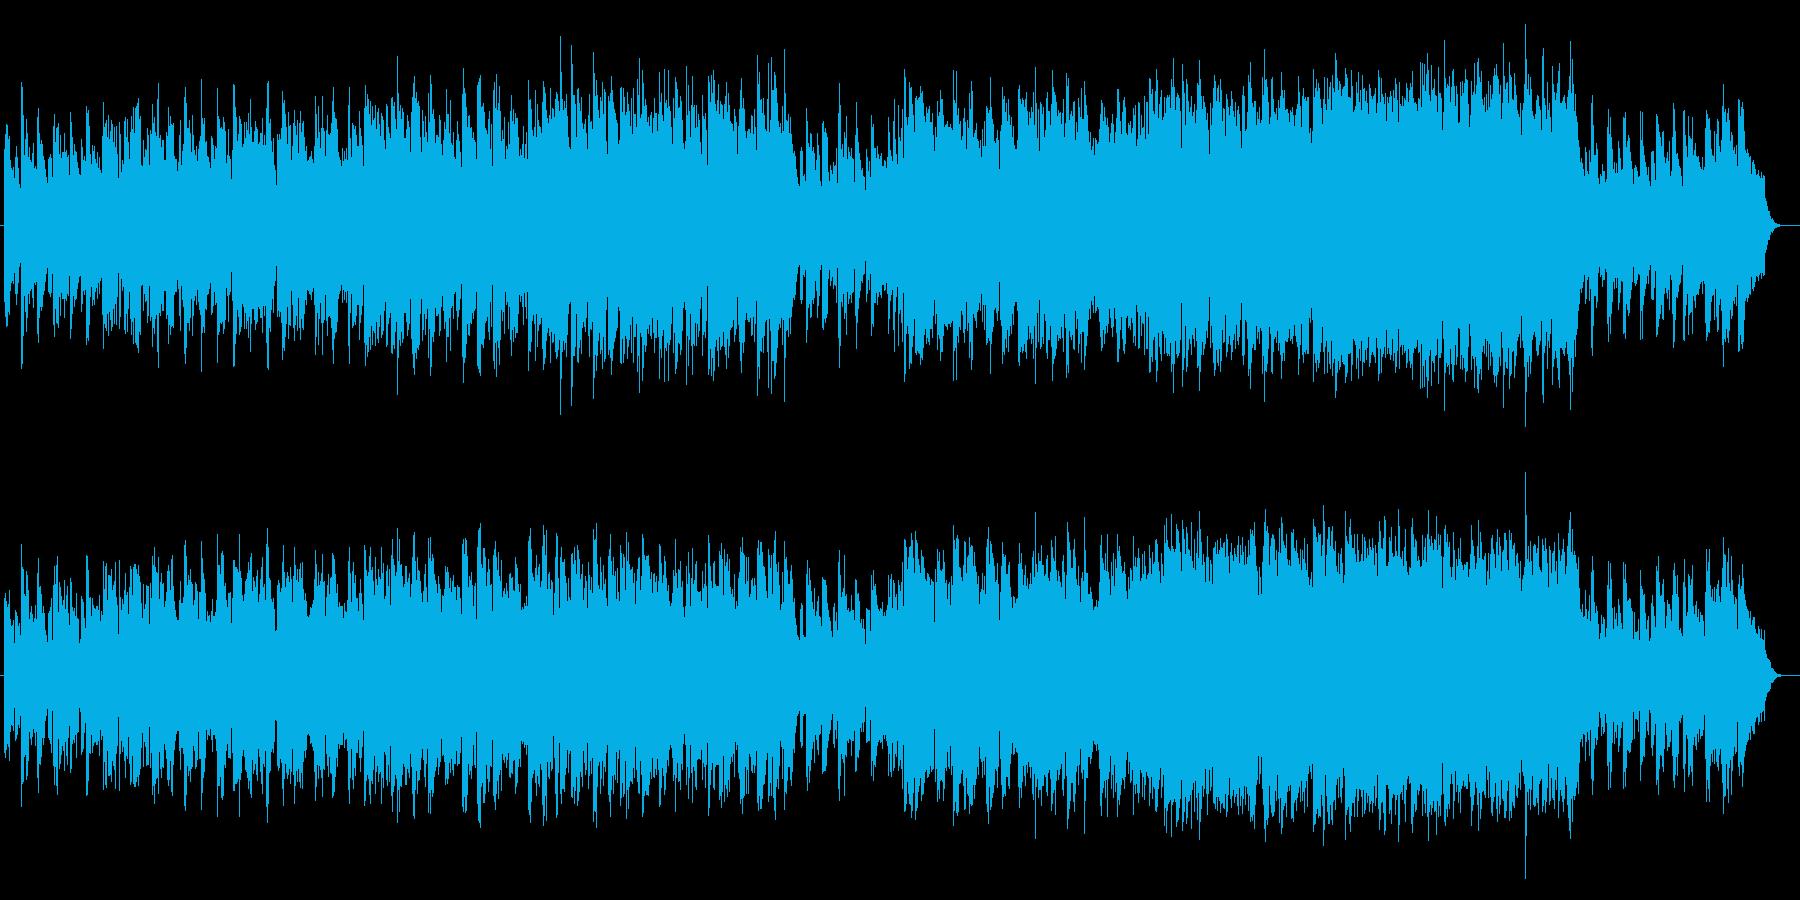 切ないシンセサイザーバラード系サウンドの再生済みの波形